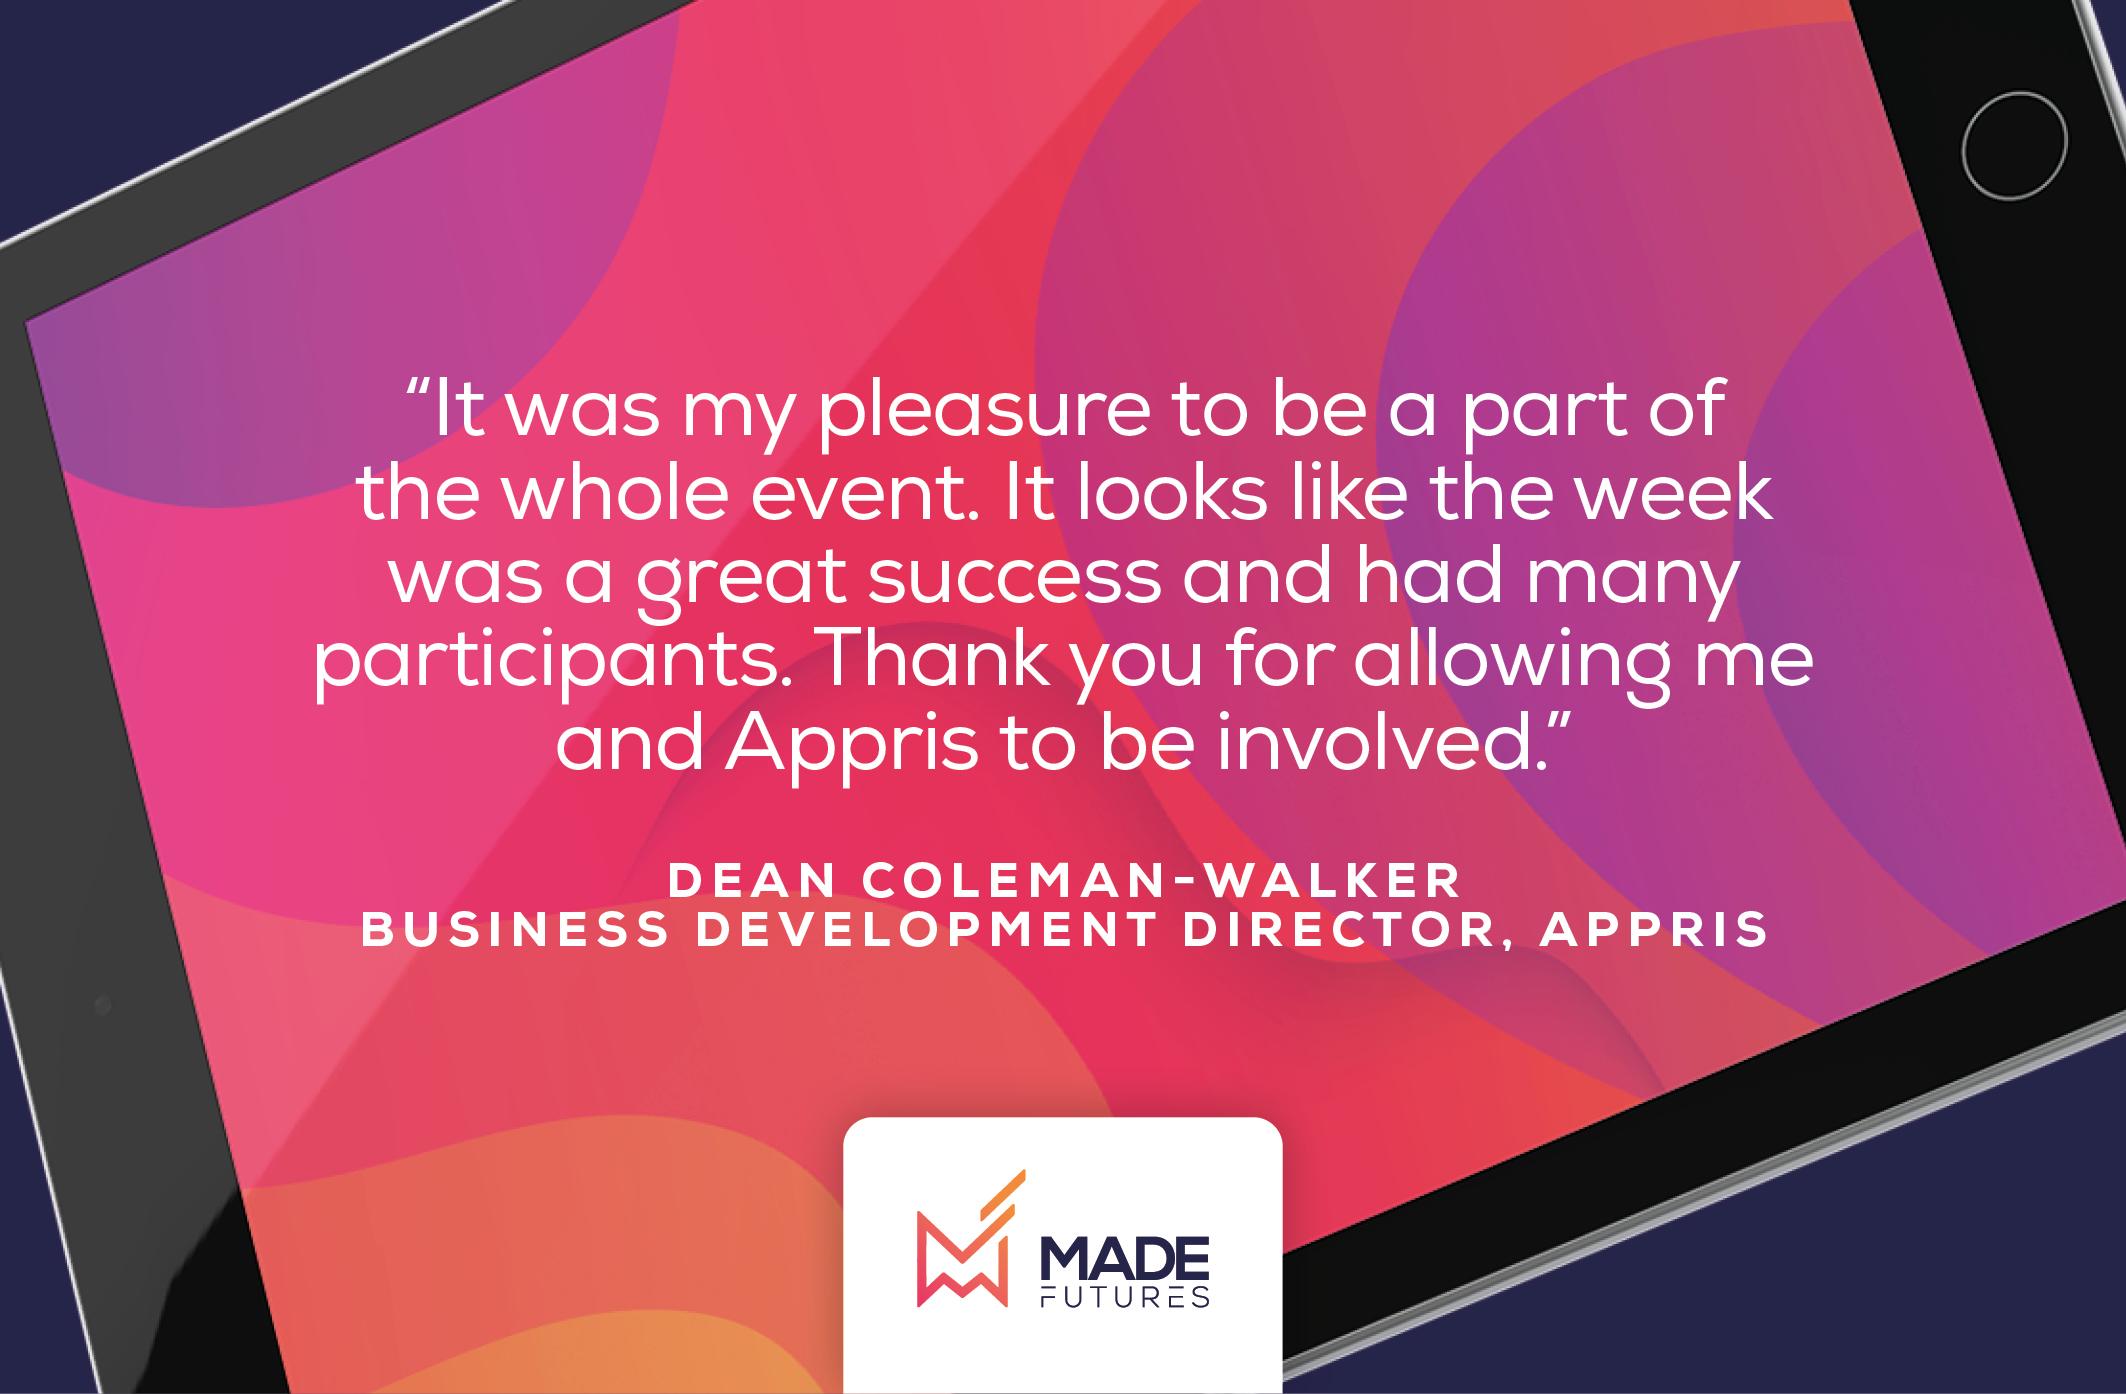 Testimonial by Dean Coleman-walker, Business development director at Appris